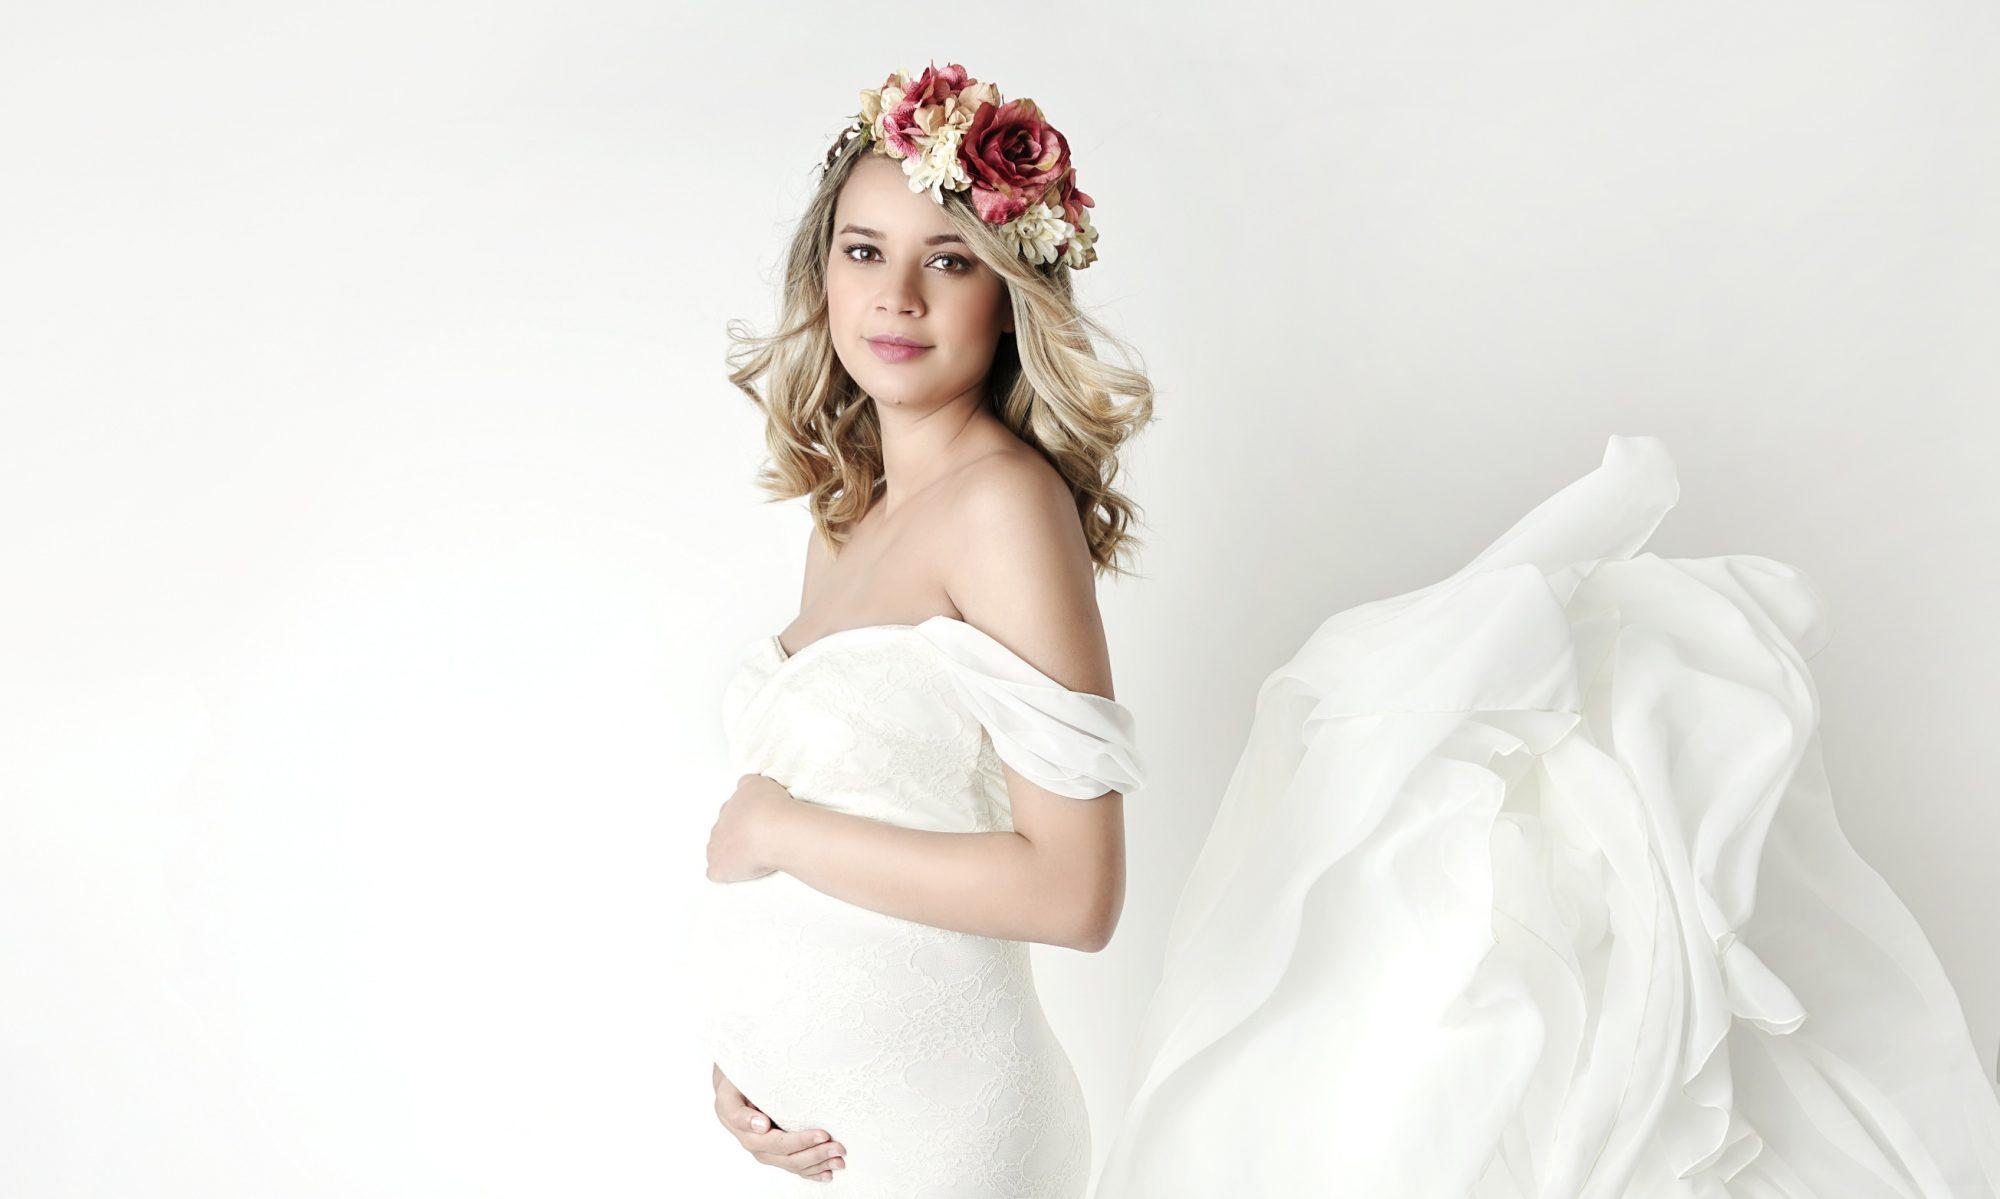 Giulia Zon